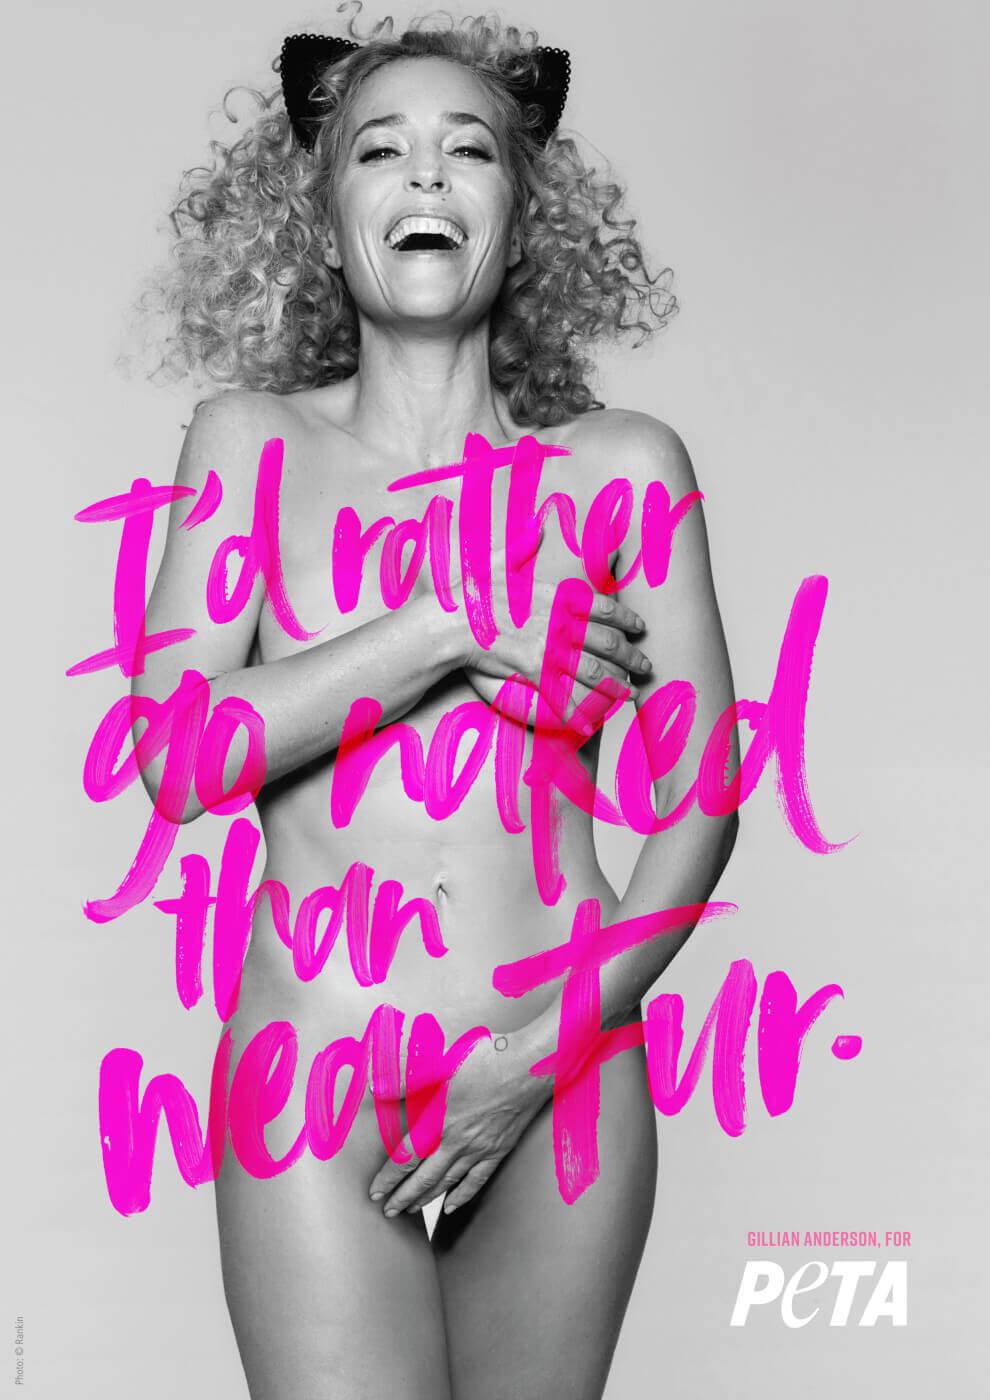 Gillian Anderson's PETA Campaign.